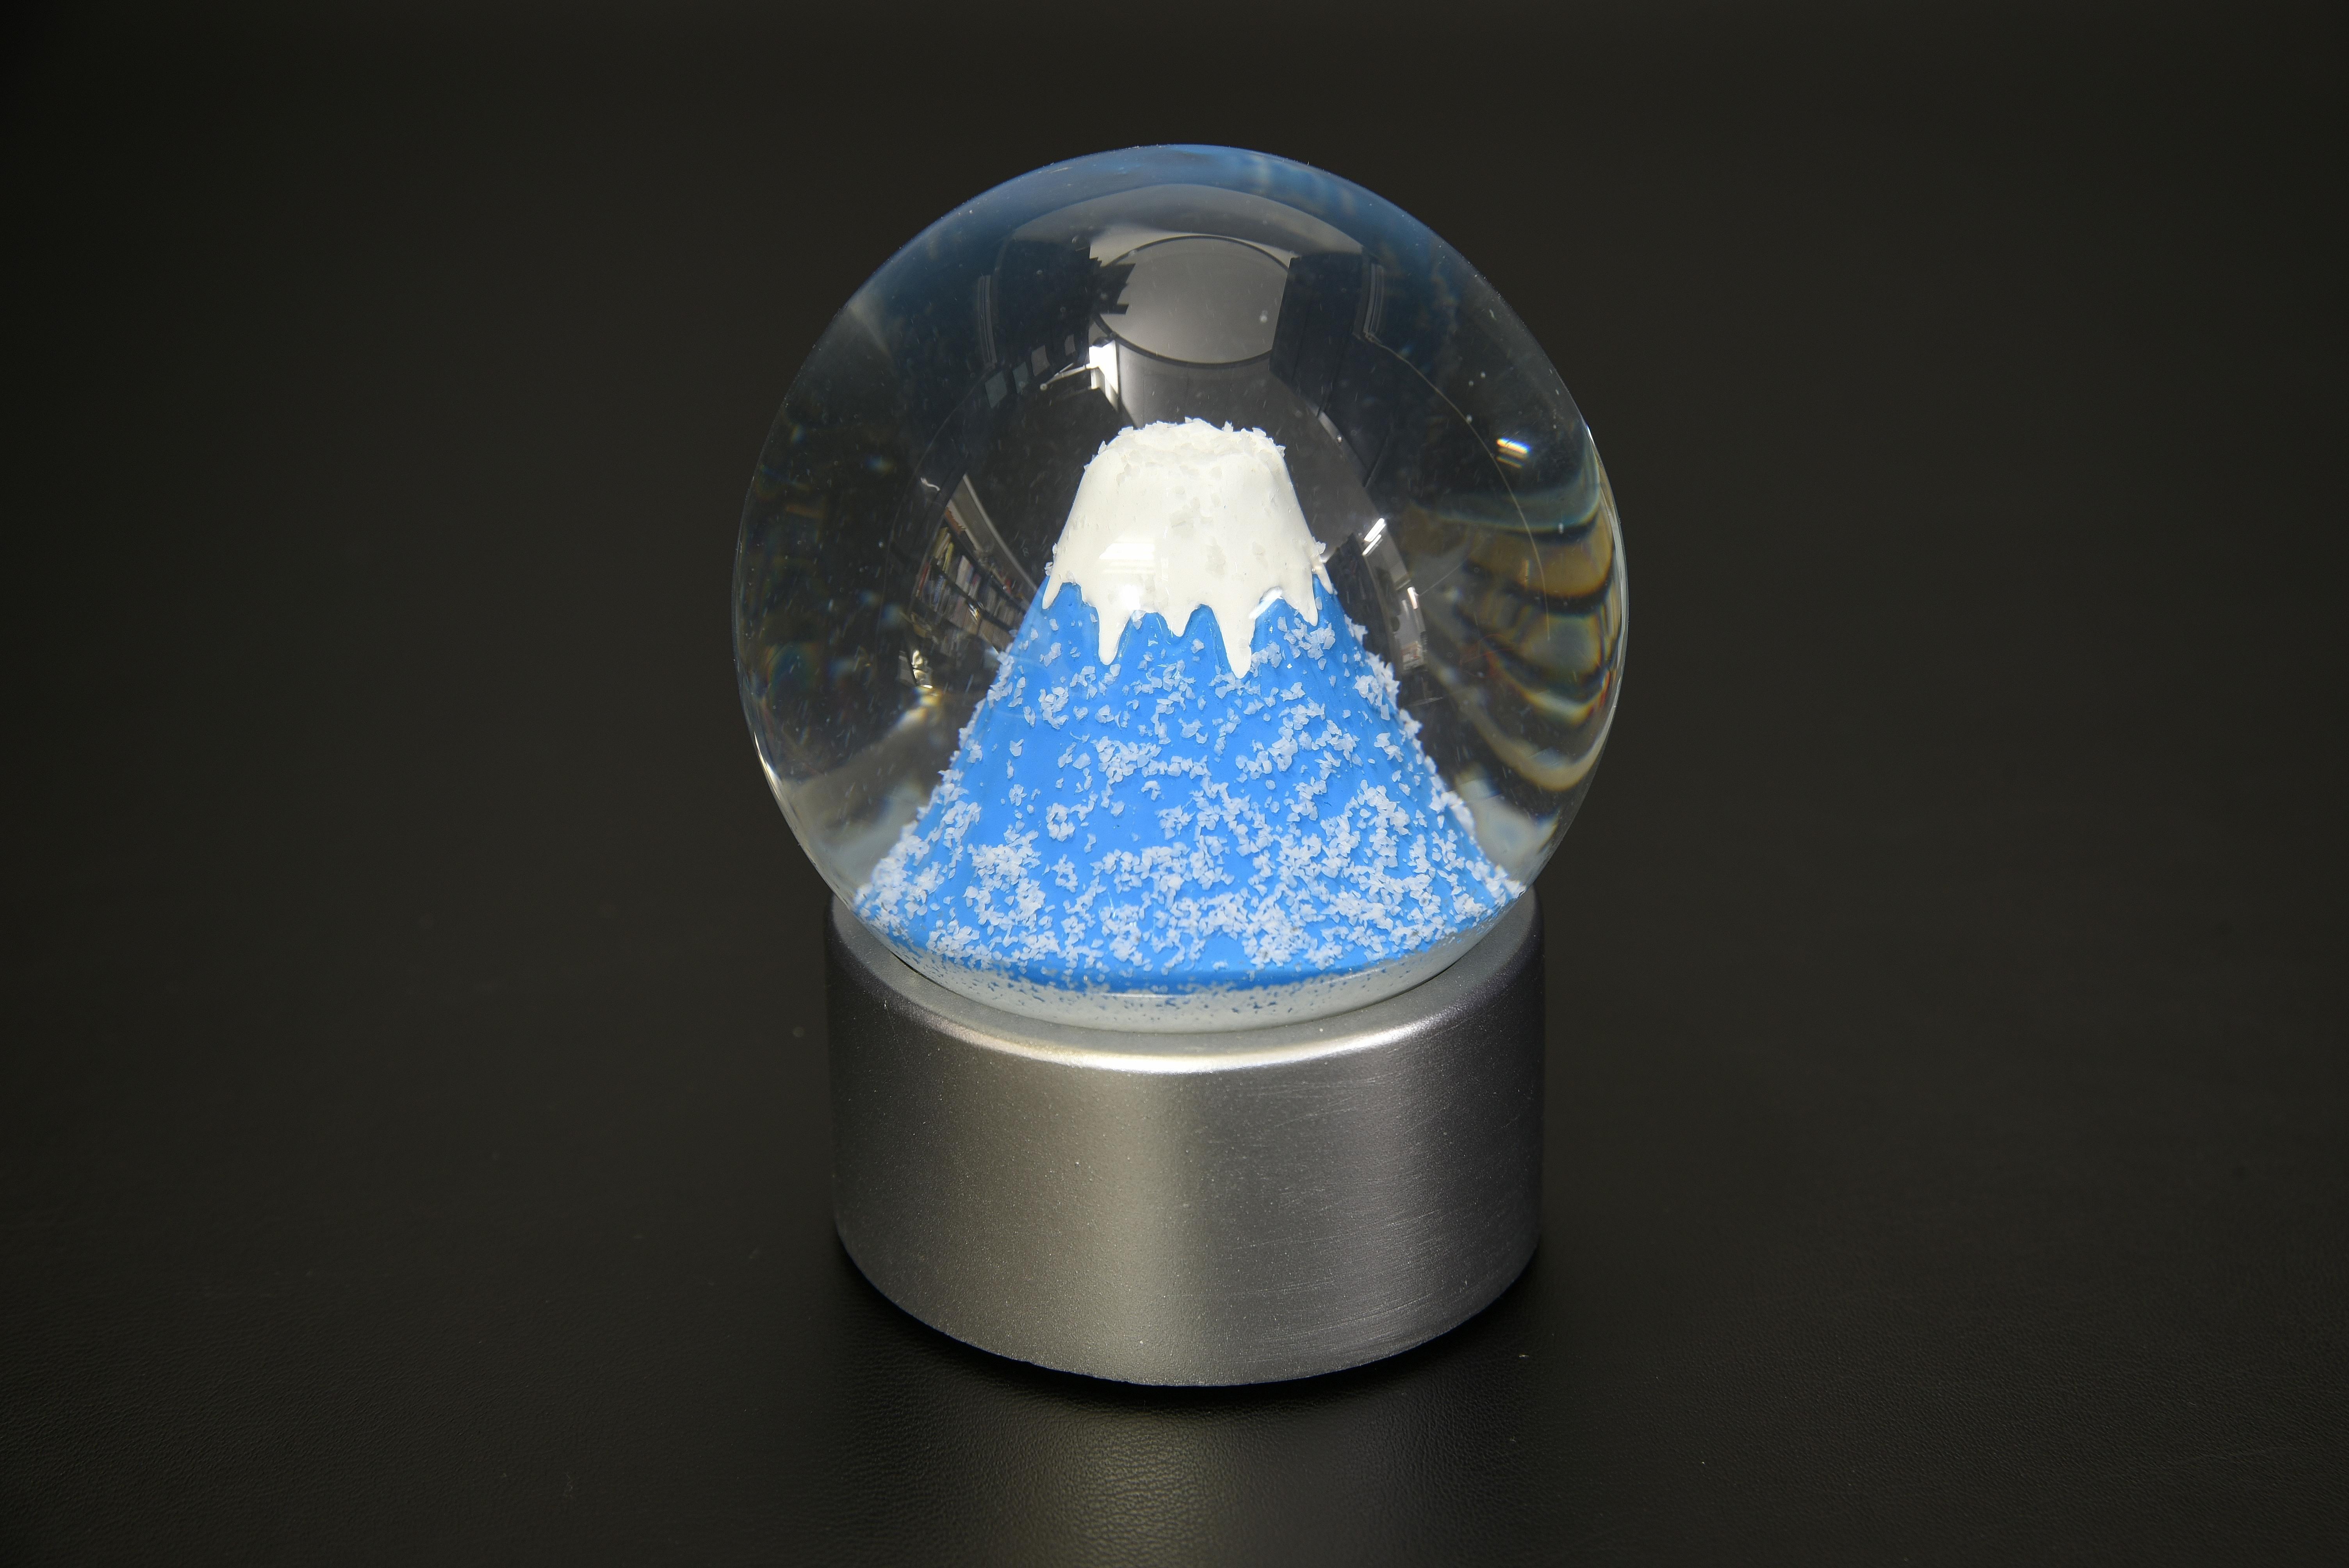 720-001スノードーム富士山ペーパーウエイト【1917-s0889】